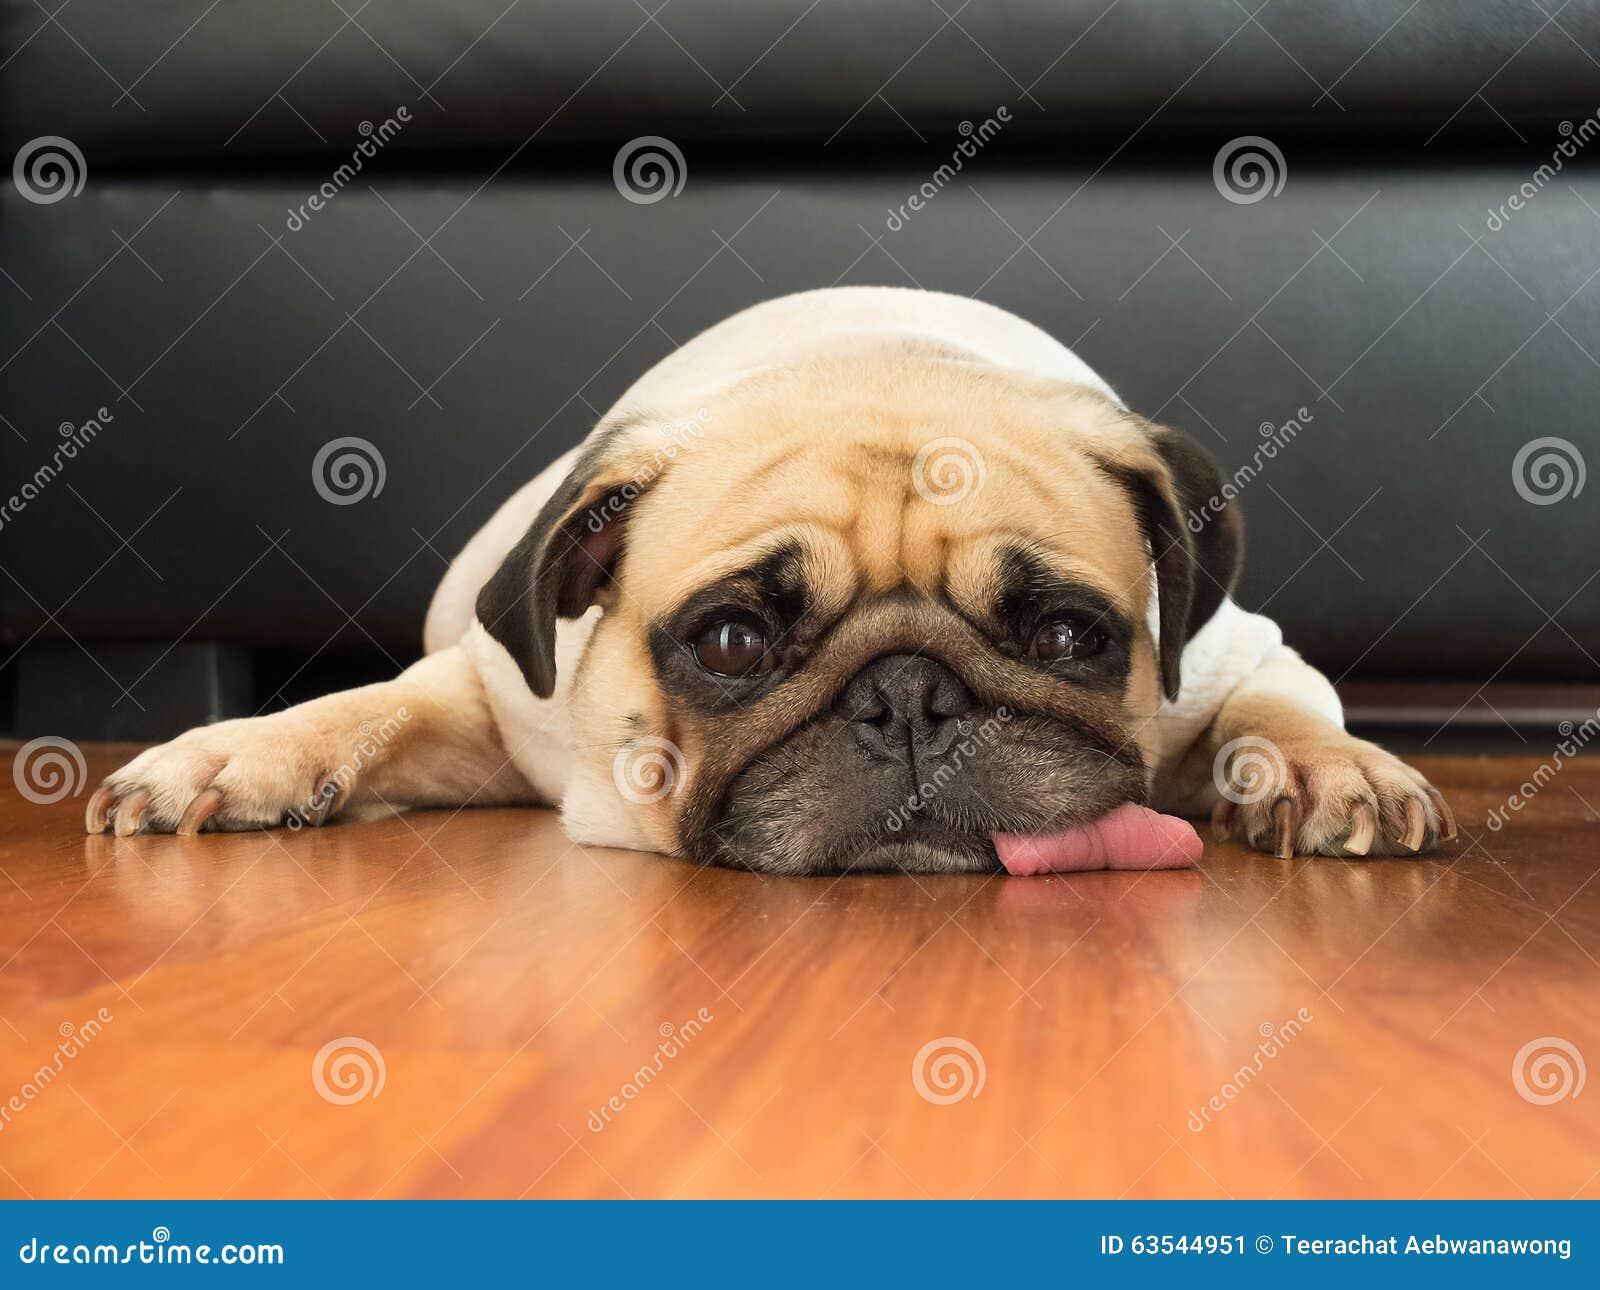 逗人喜爱的哈巴狗小狗睡觉休息的特写镜头面孔由下巴张开眼睛,并且舌头放下地板